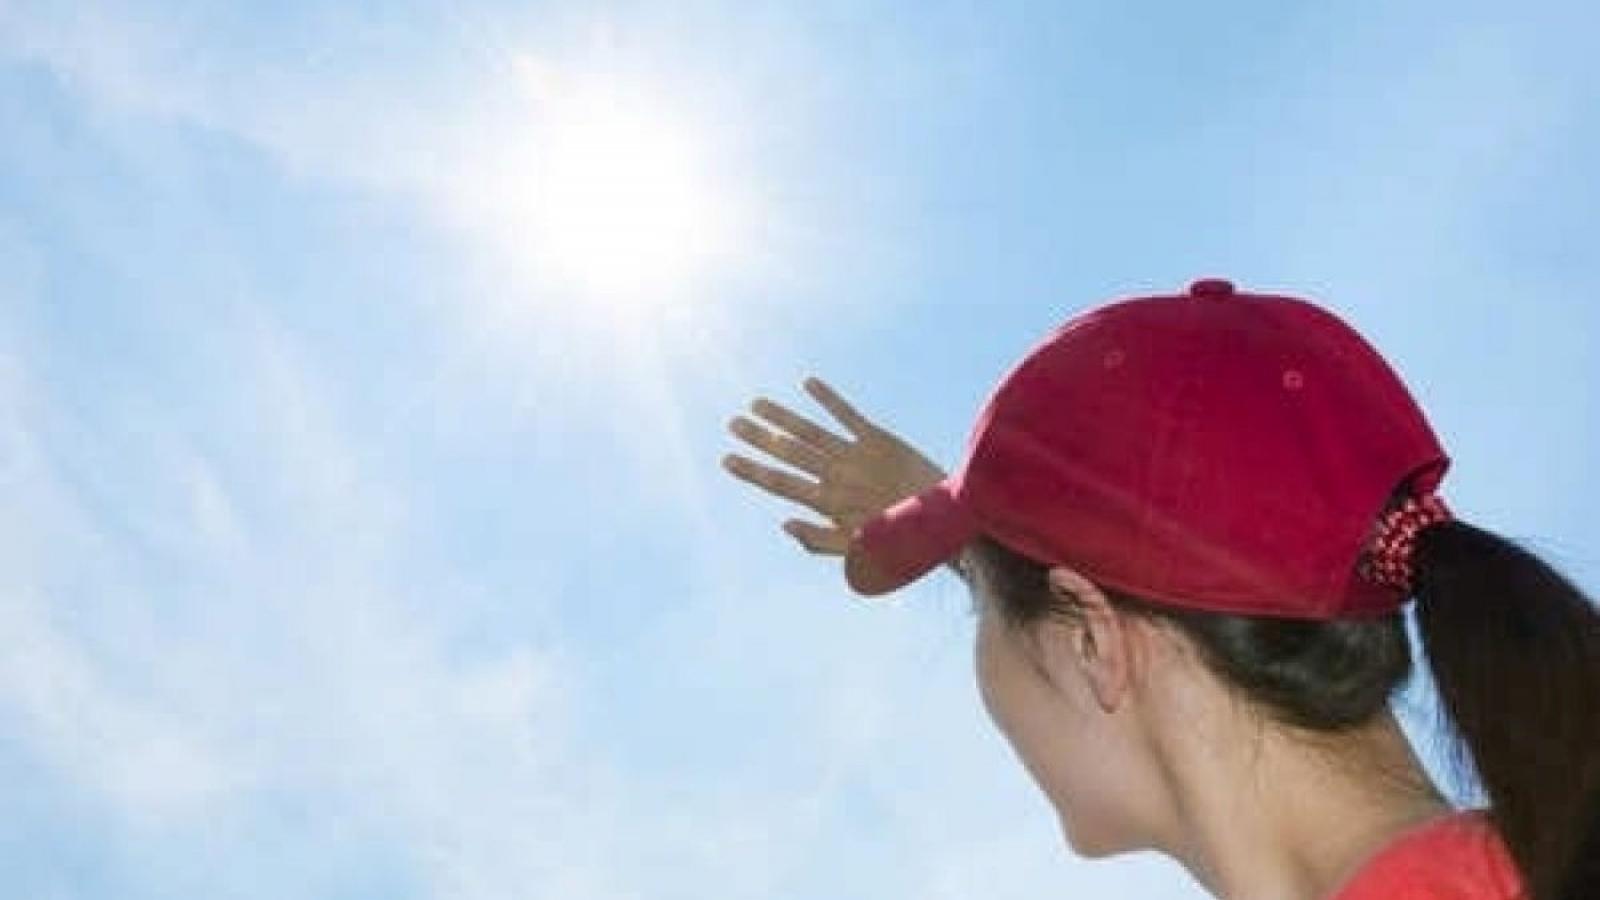 Không khí lạnh suy yếu, cảnh báo tia UV gây hại đến rất cao trong những ngày tới